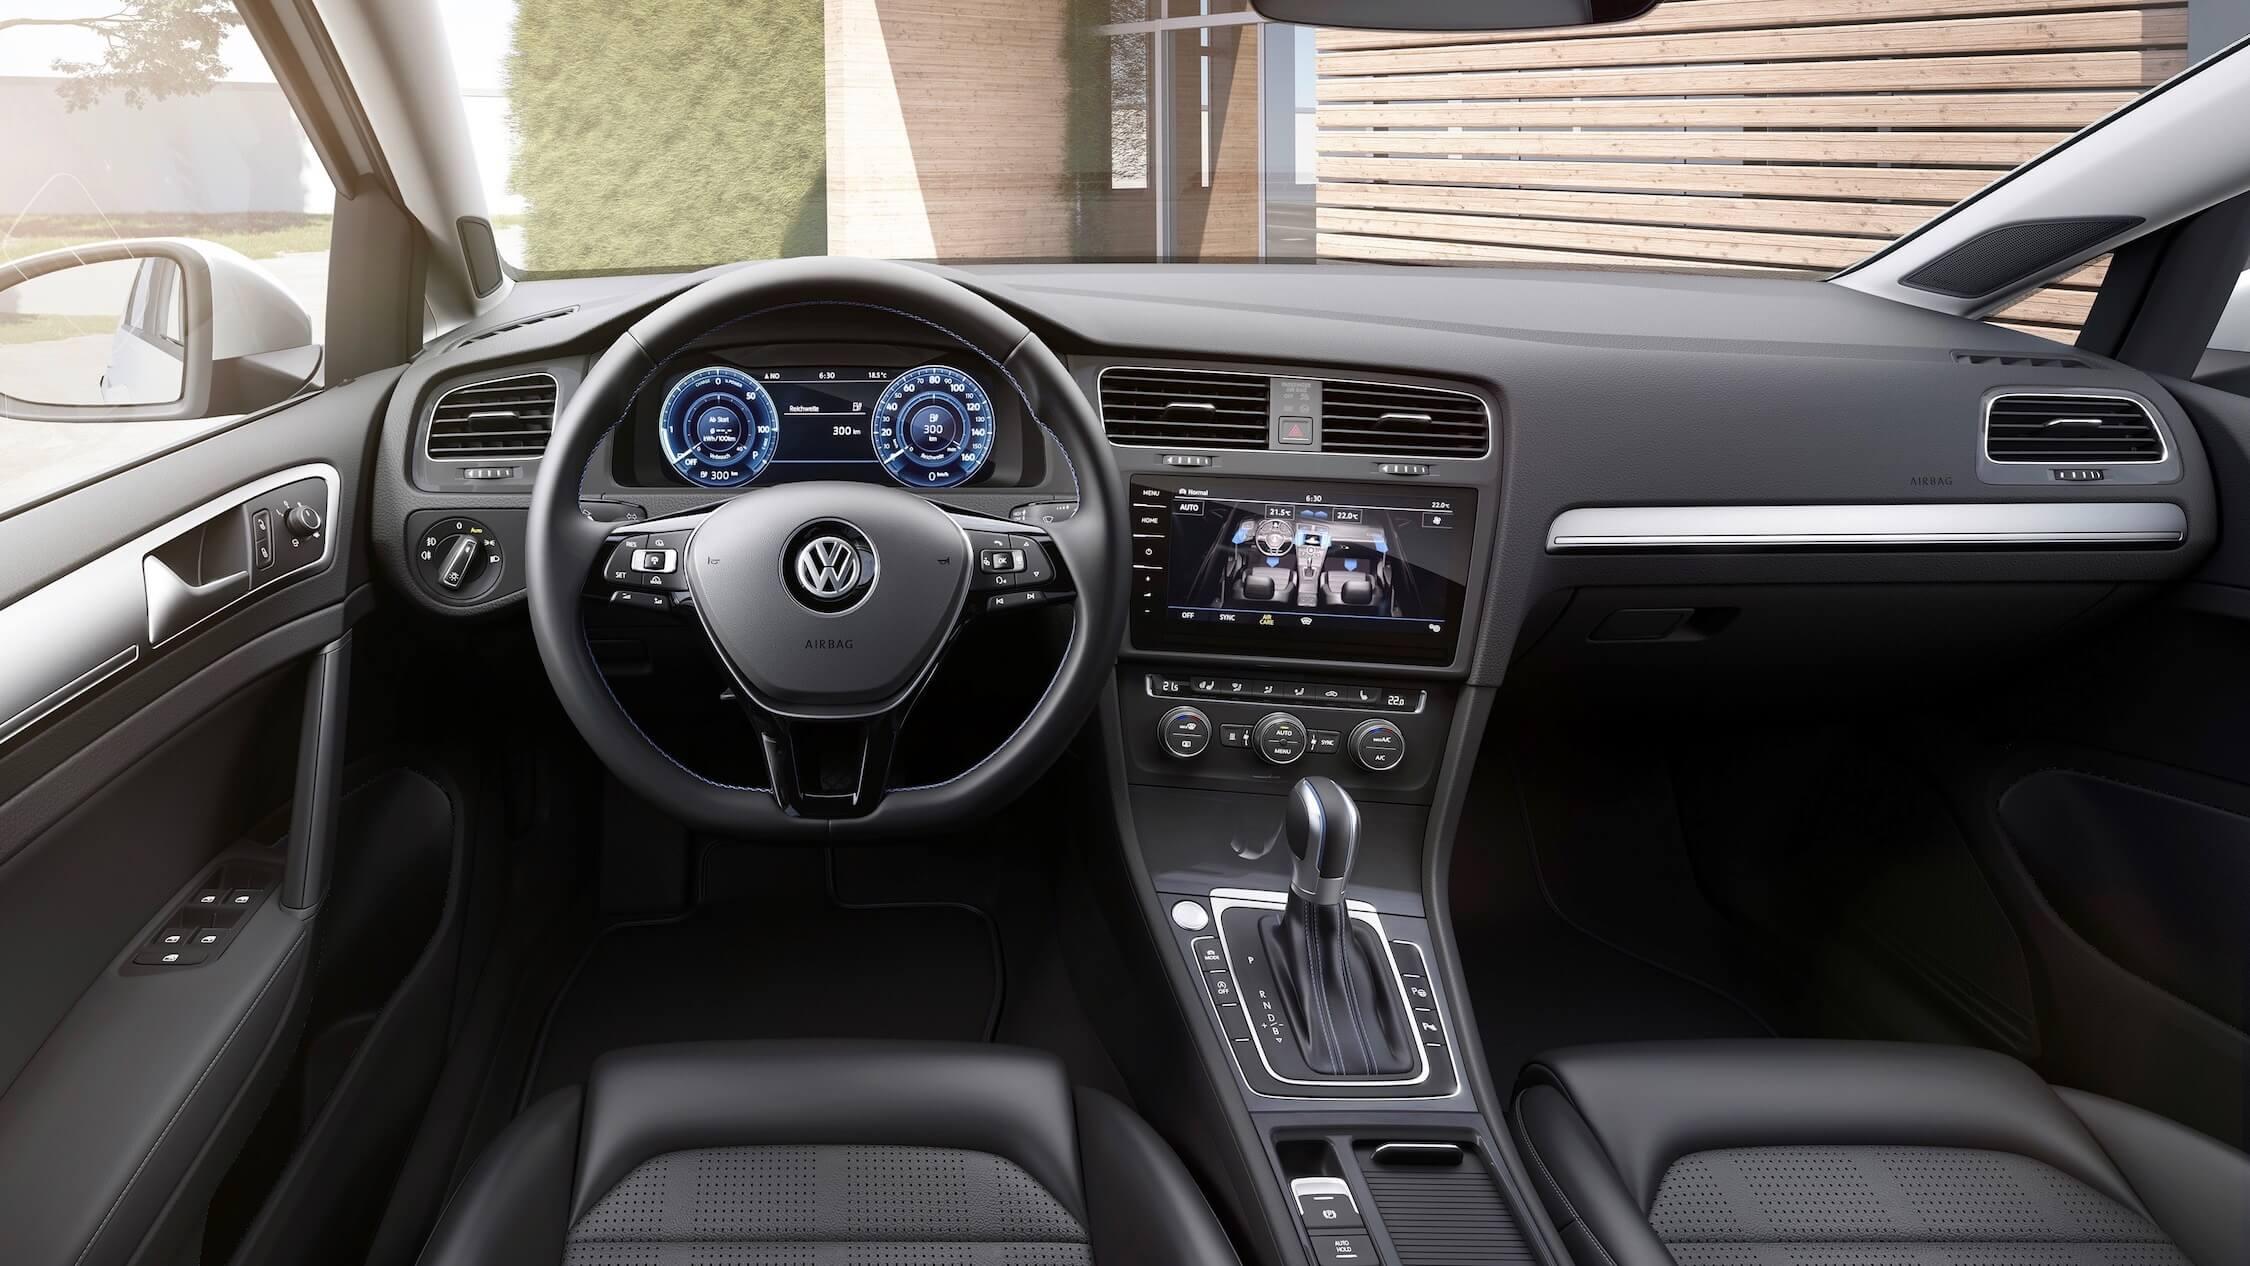 Elektrische Volkswagen Golf interieur